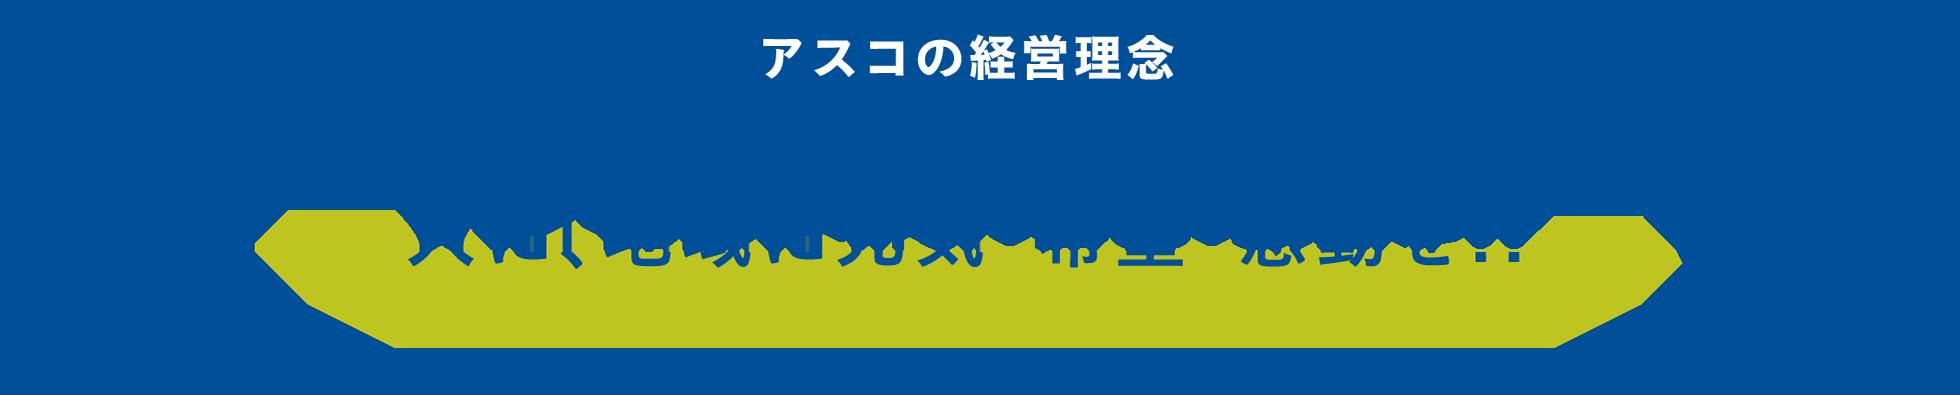 アスコの経営理念 / 人に、地域に元気・希望・感動を!!